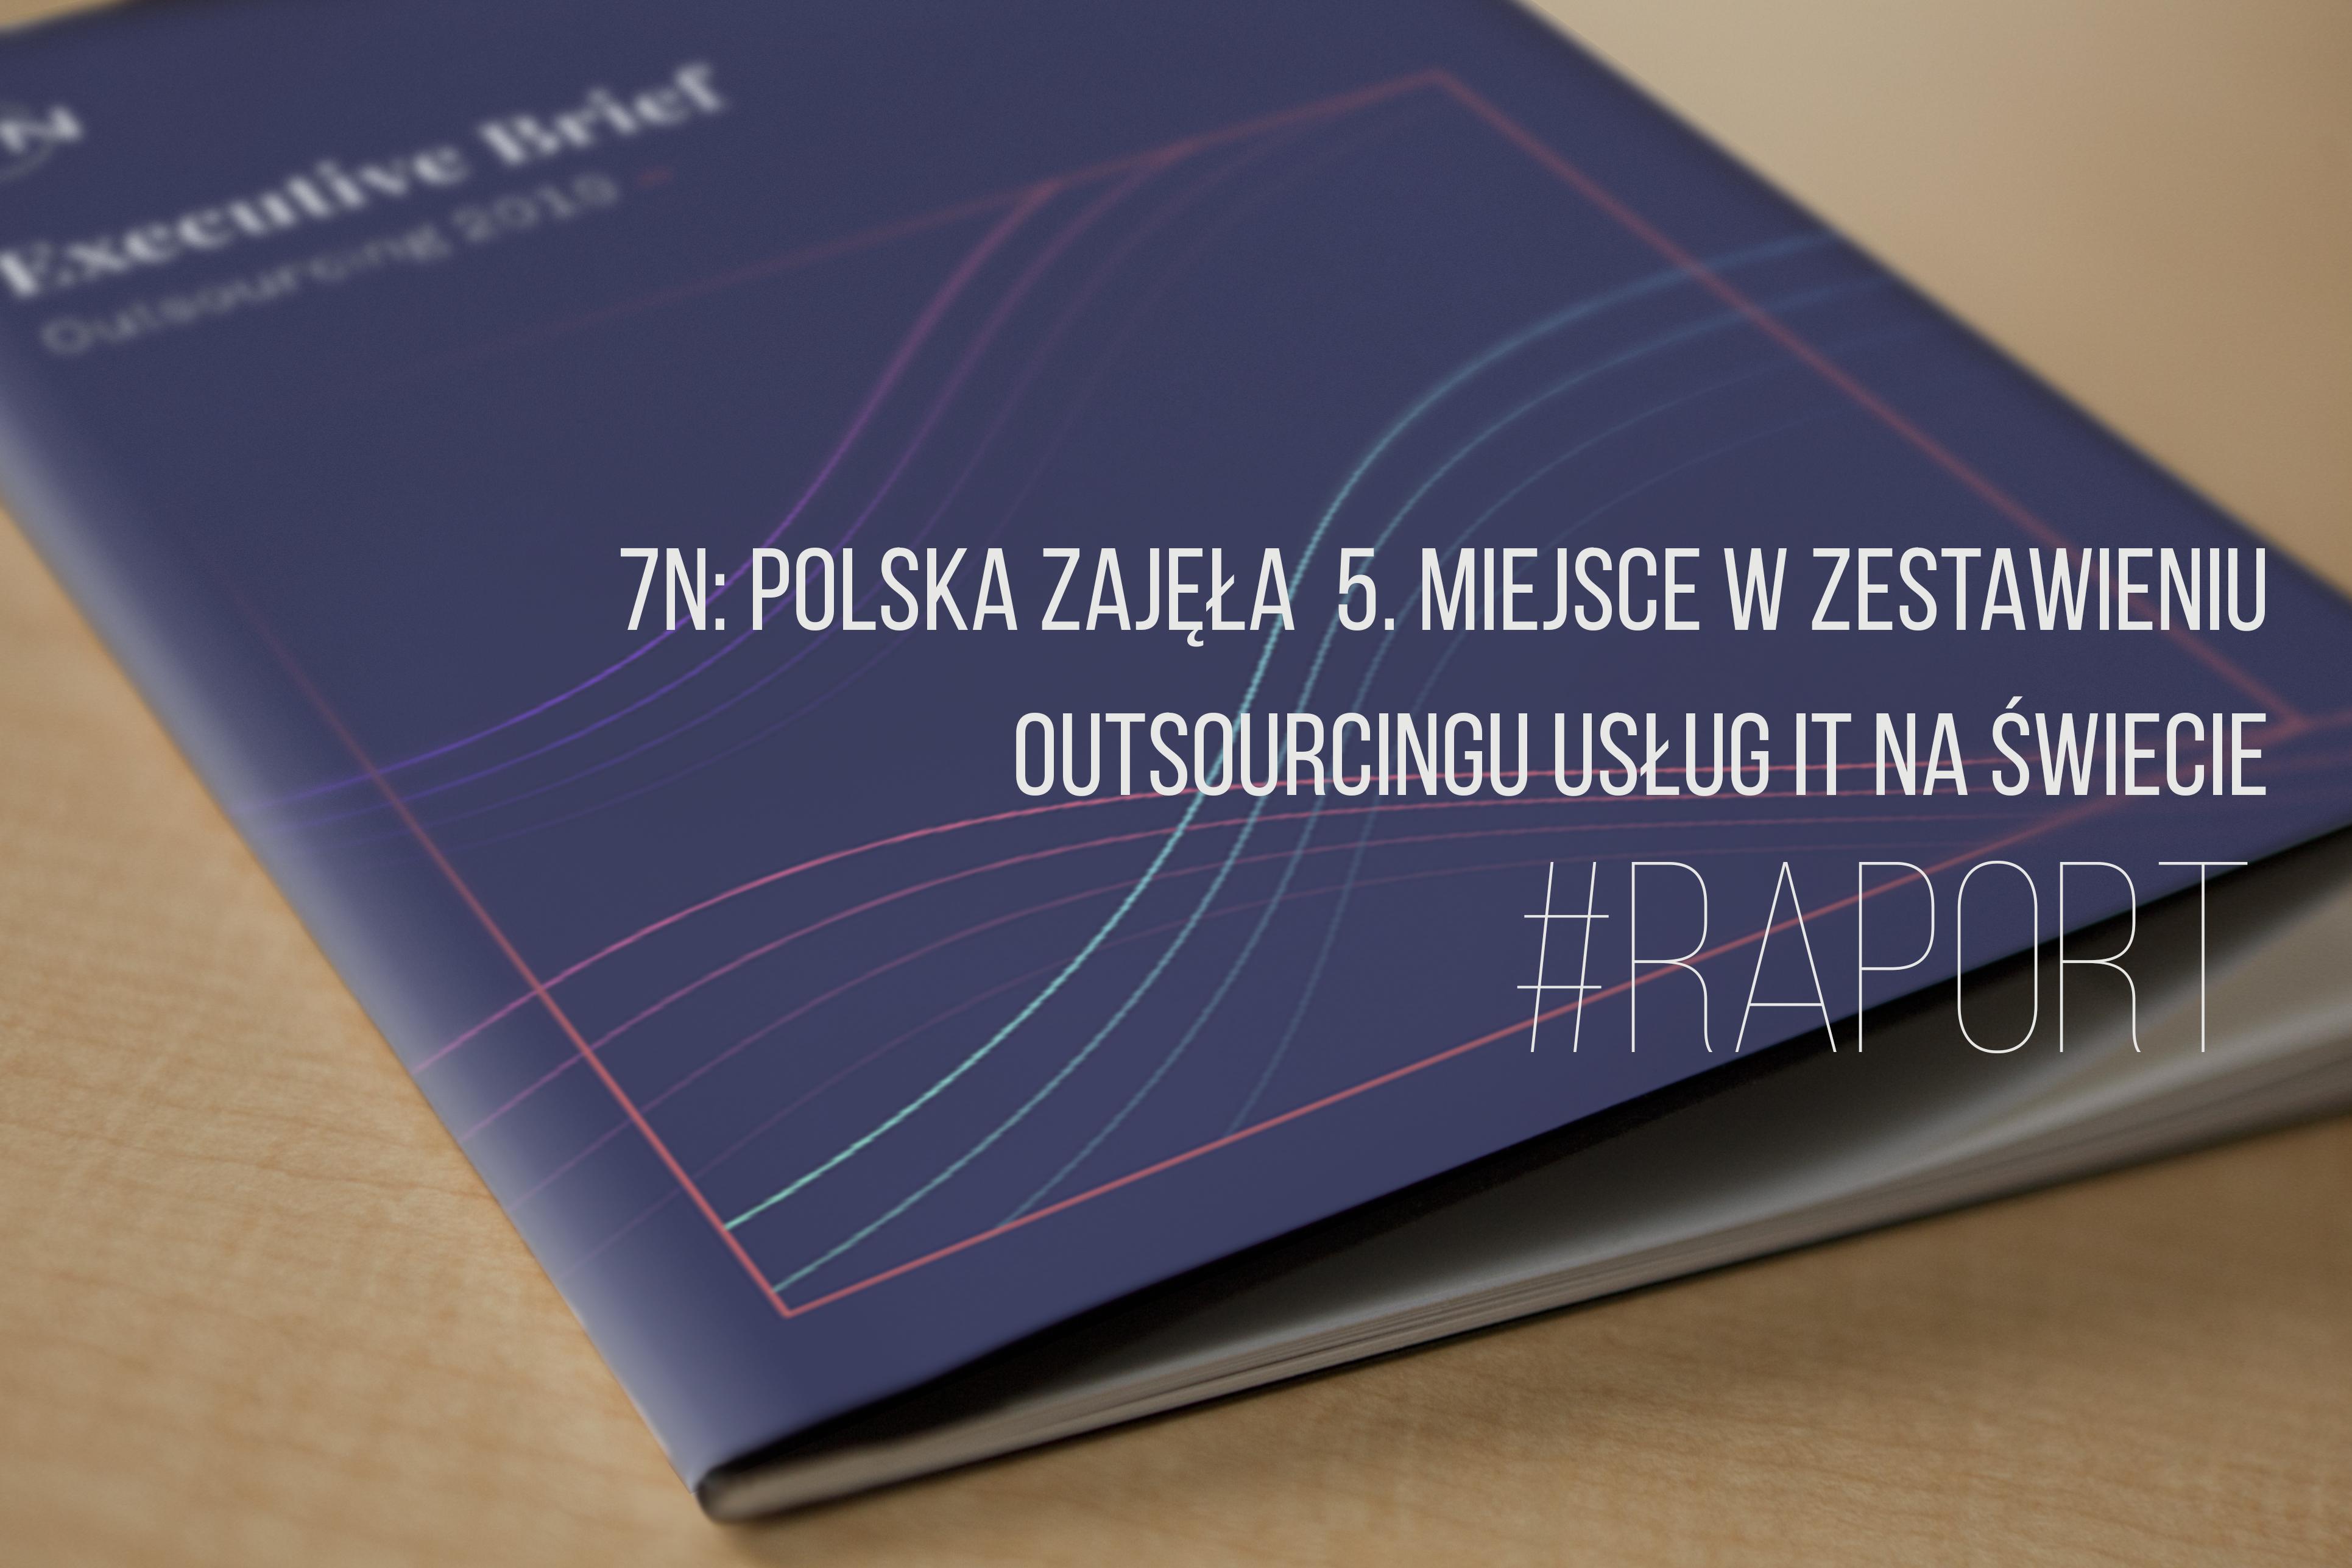 raport 7N